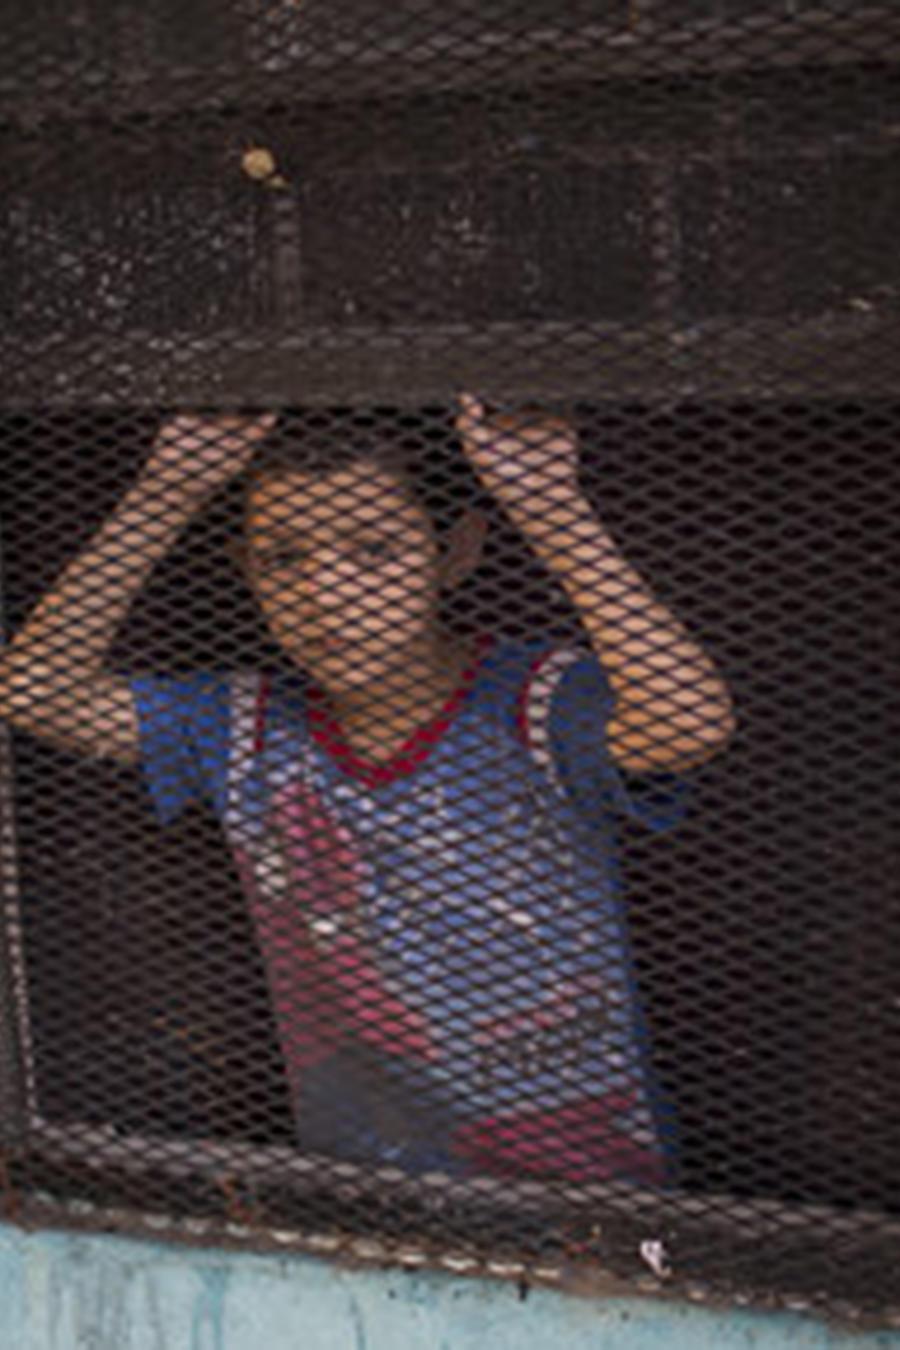 Un niño mira por la ventana de su casa en Nuevo Laredo, estado de Tamaulipas, al otro lado de la frontera con Laredo (EEUU).